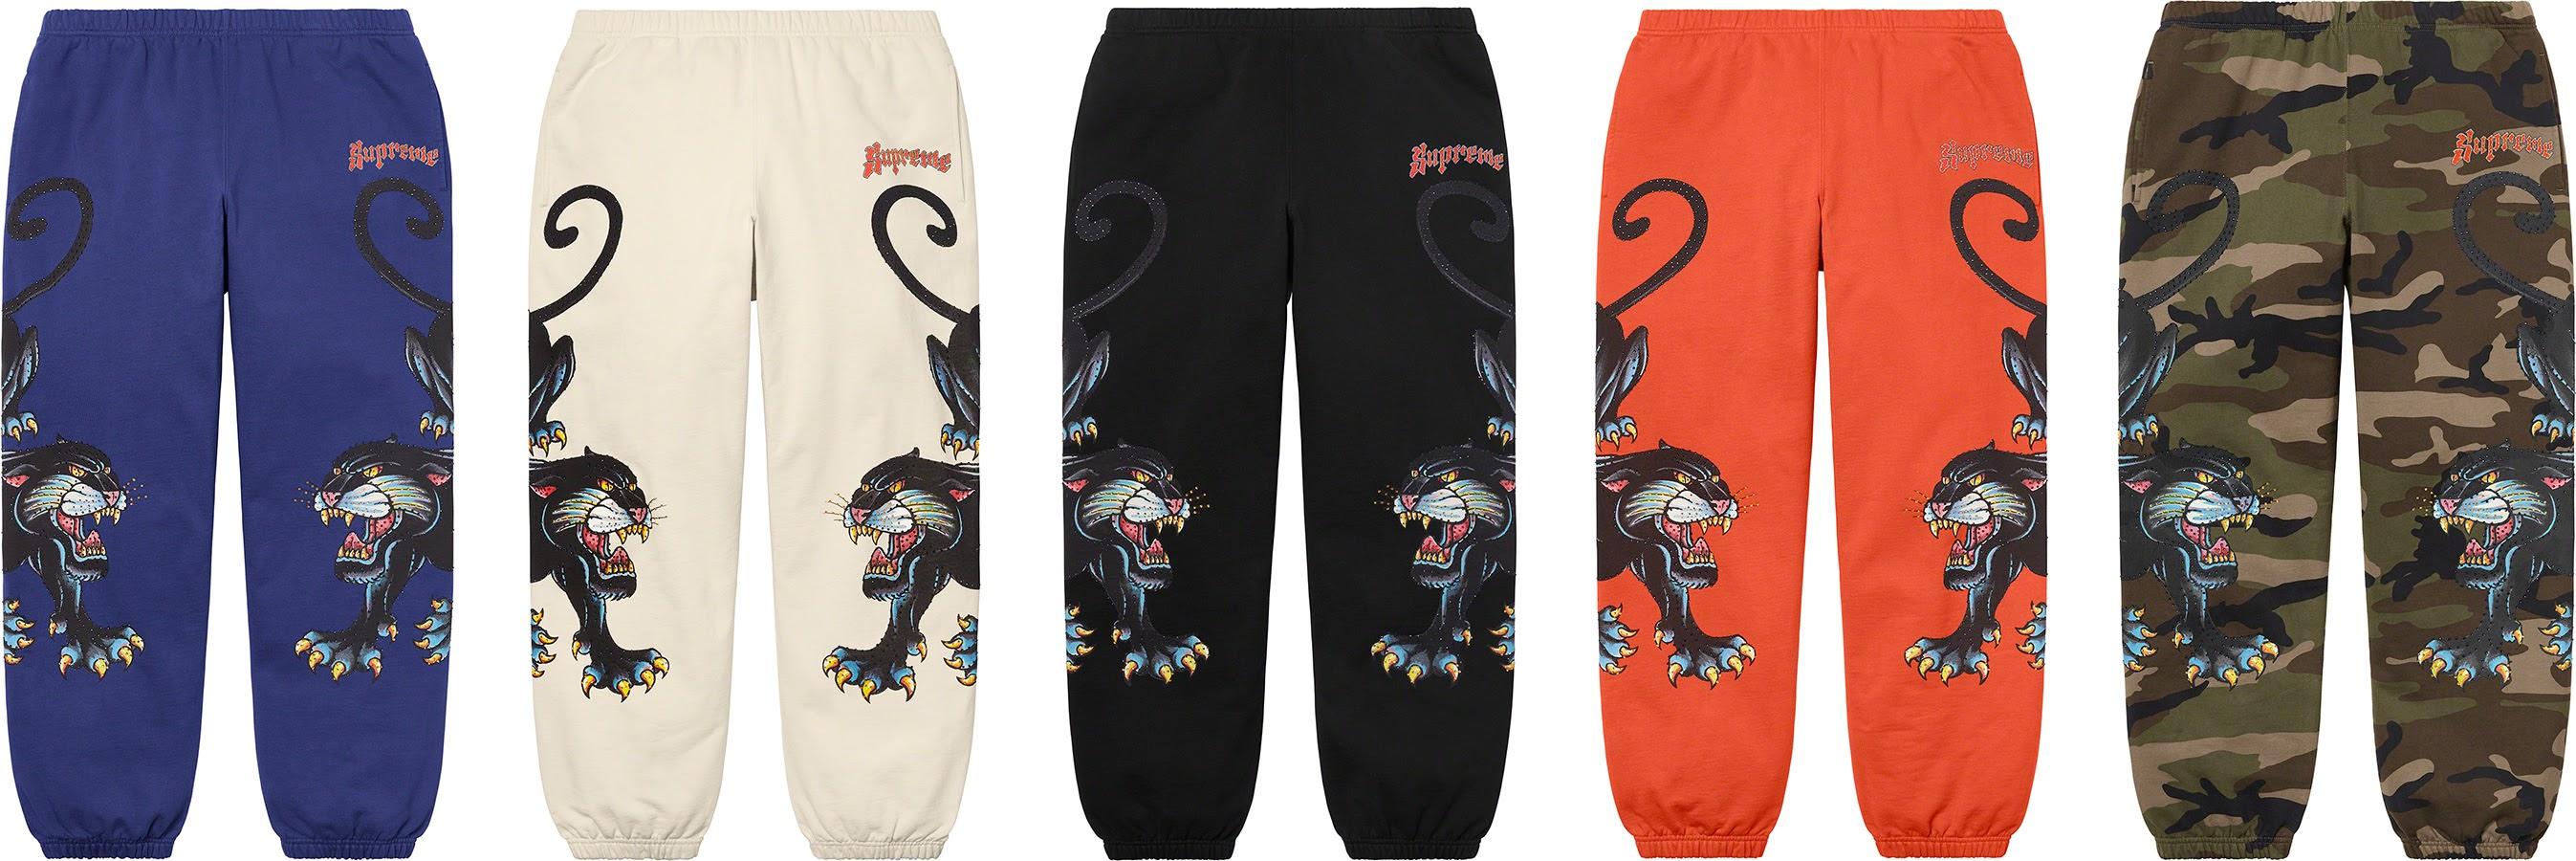 シュプリーム 2021年 春夏 新作 パンツ ショーツ Supreme 2021ss pants shorts 一覧 Panther Sweatpant